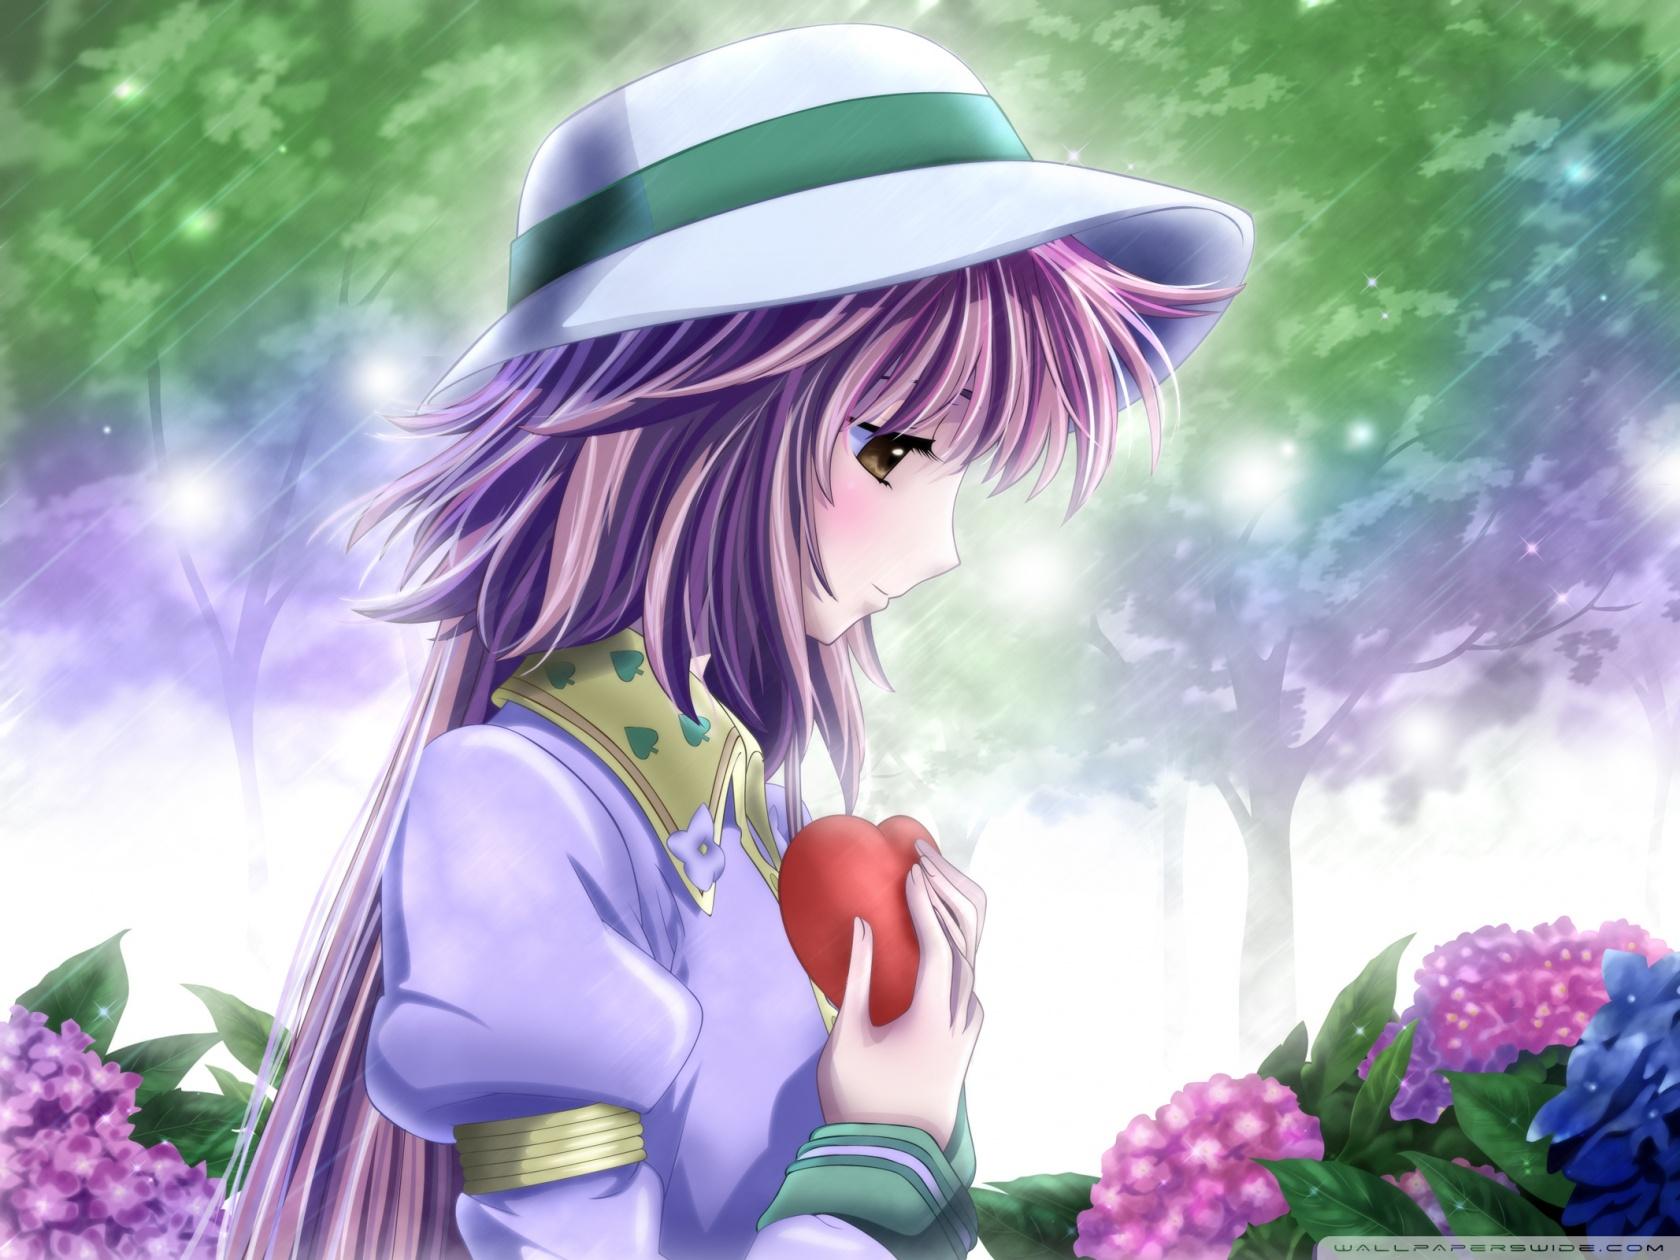 Anime Love Wallpaper Desktop 6